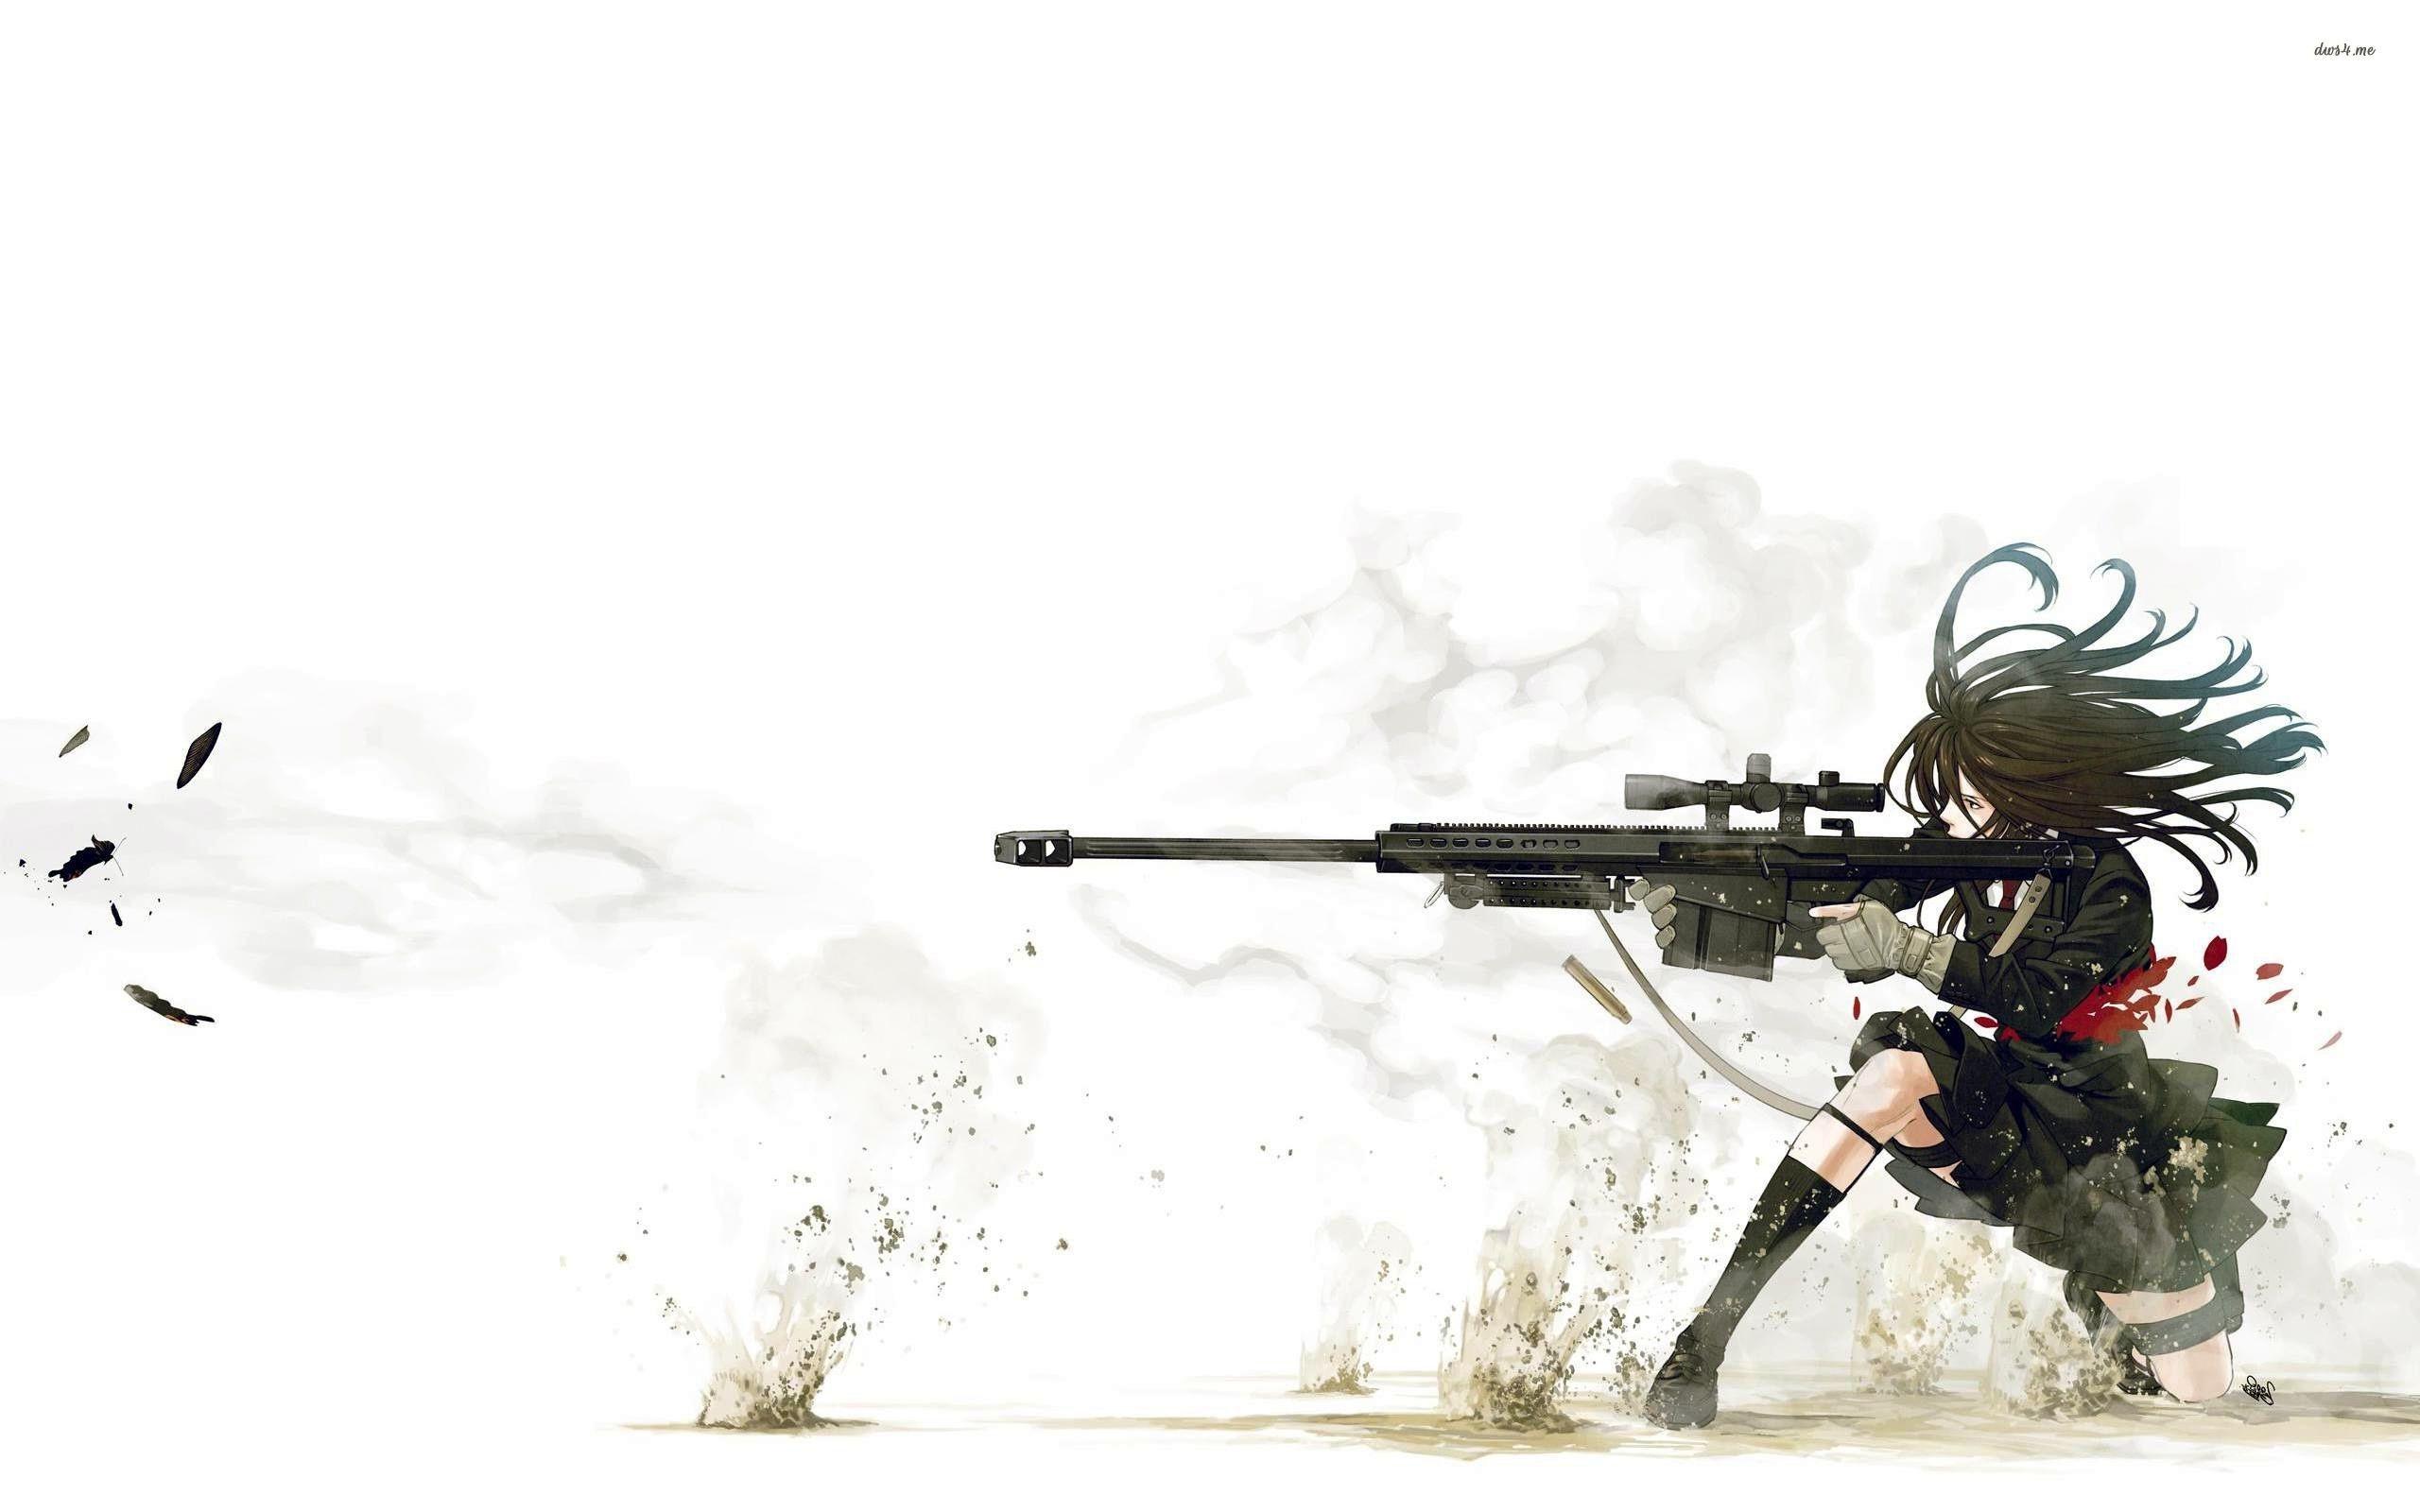 anime-sniper-wallpaper-wallpaper-3.jpg